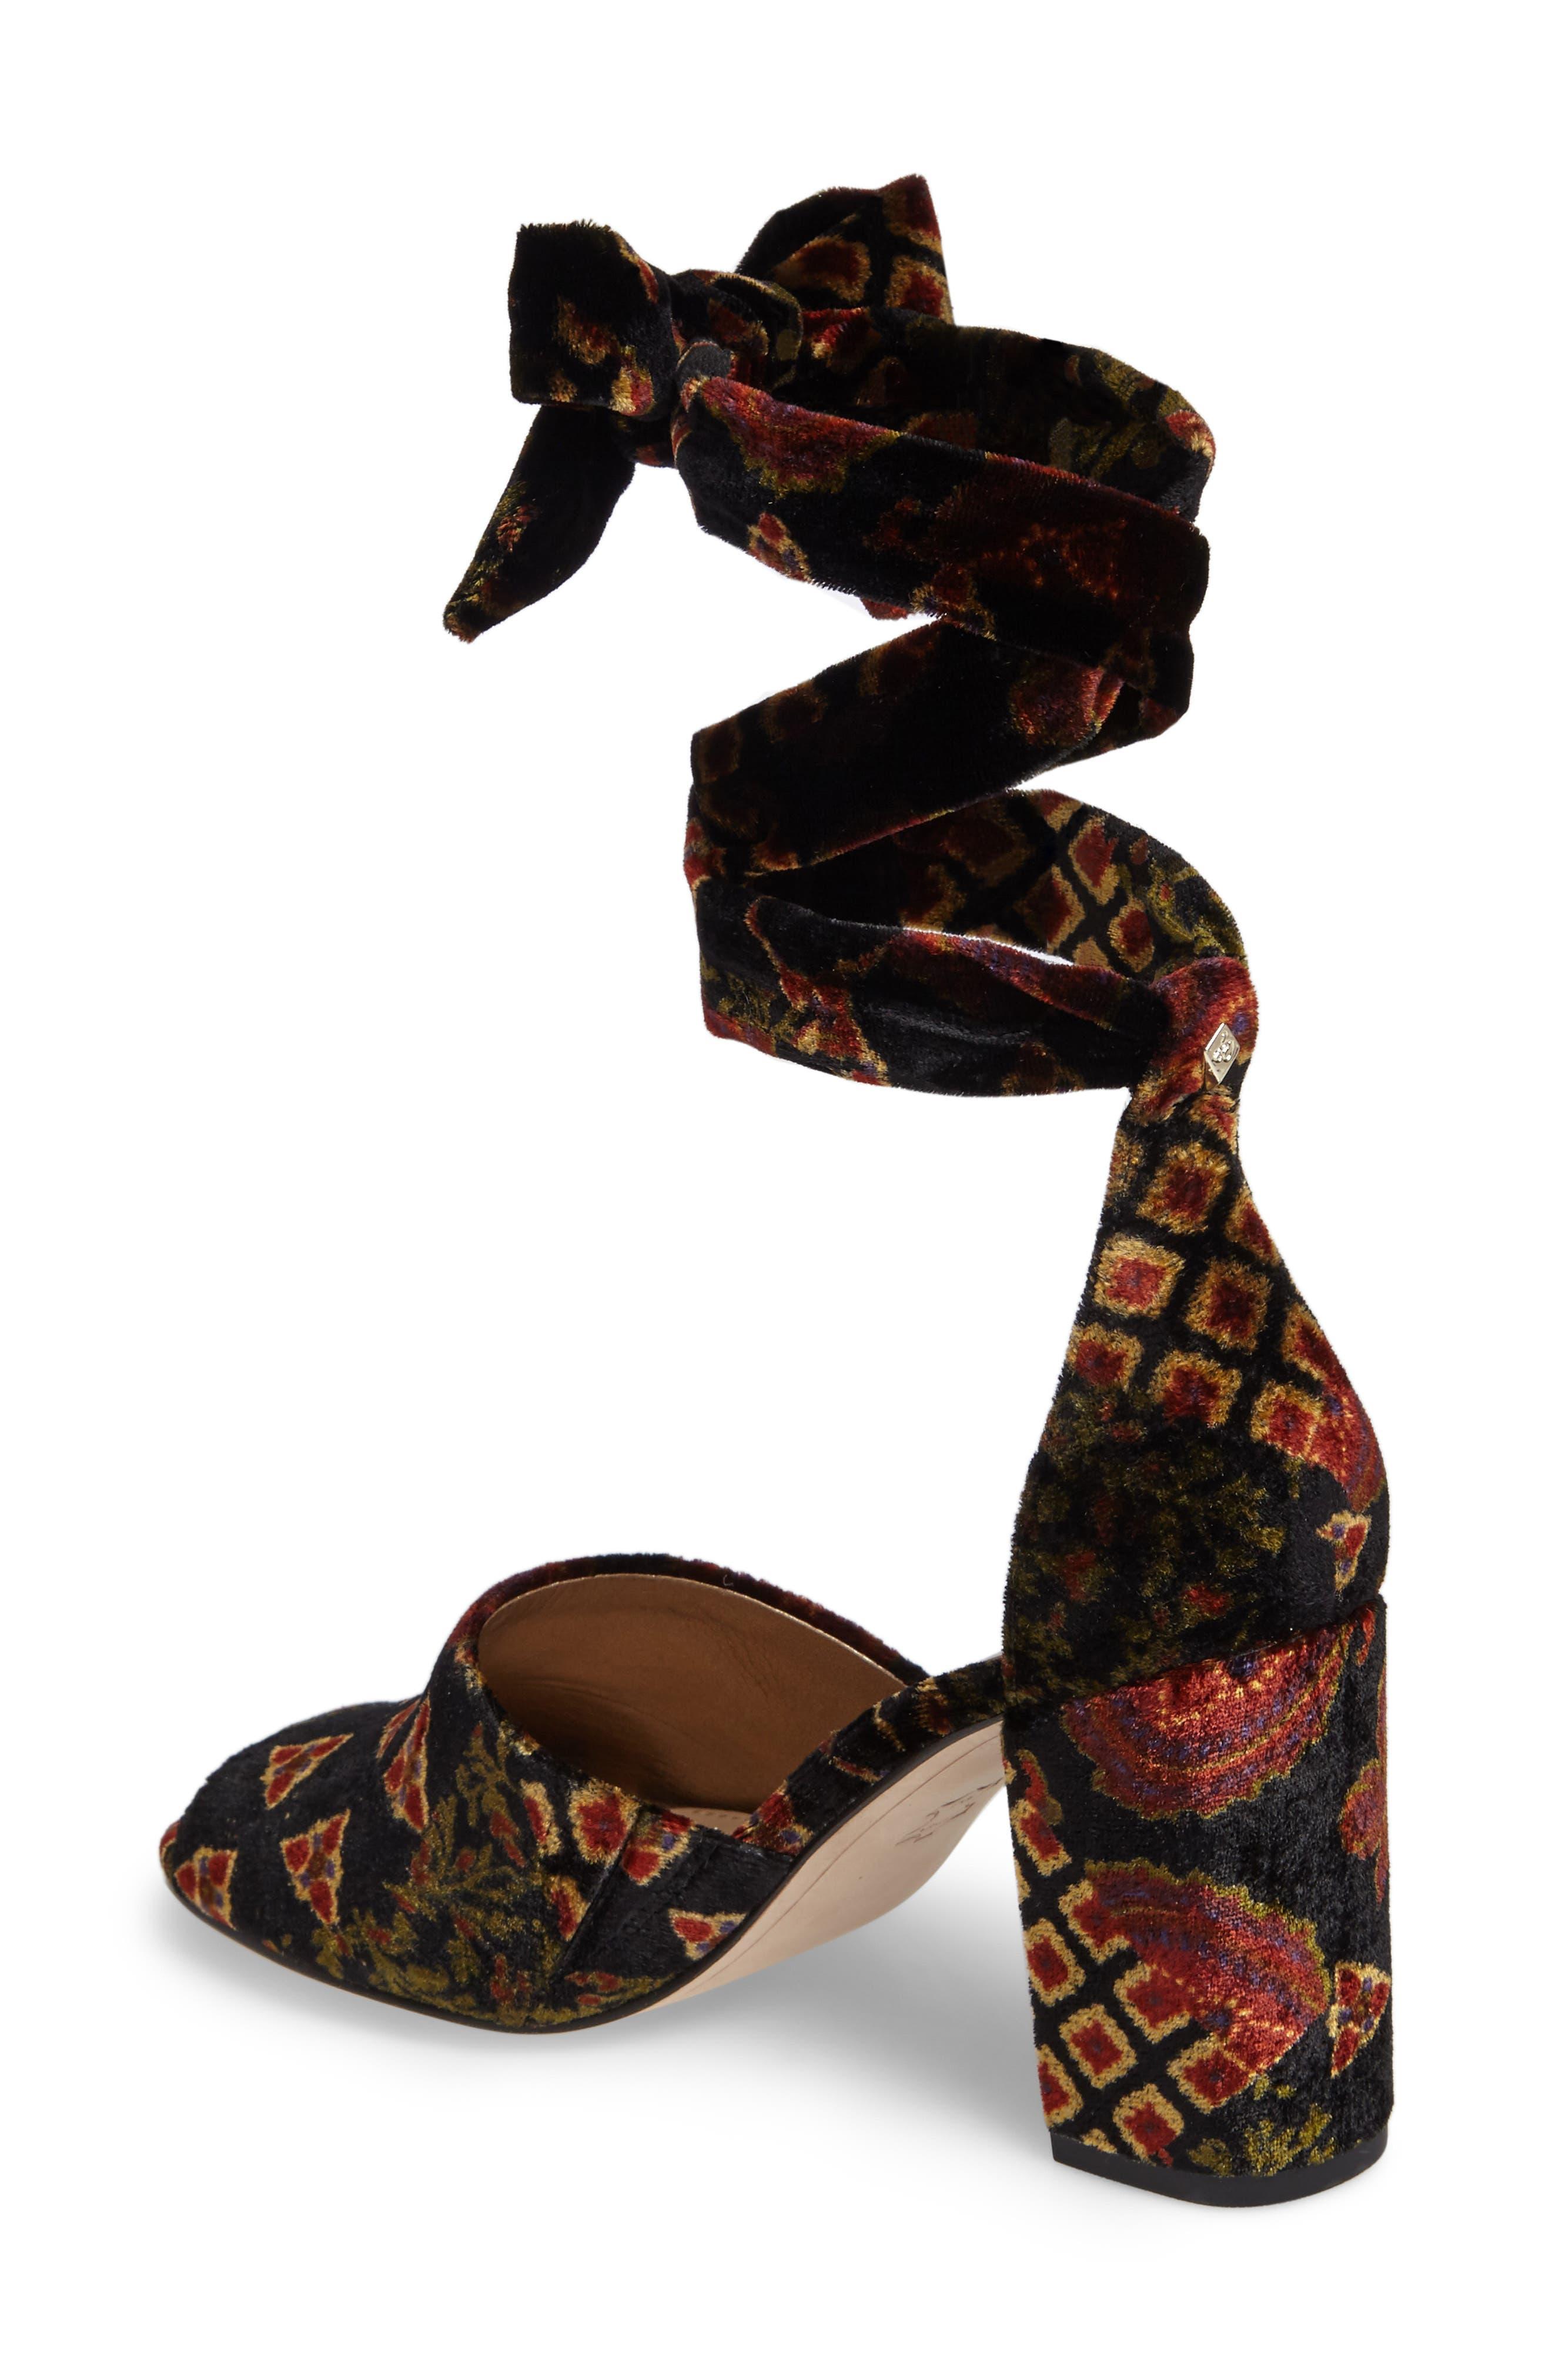 Odele Sandal,                             Alternate thumbnail 2, color,                             001